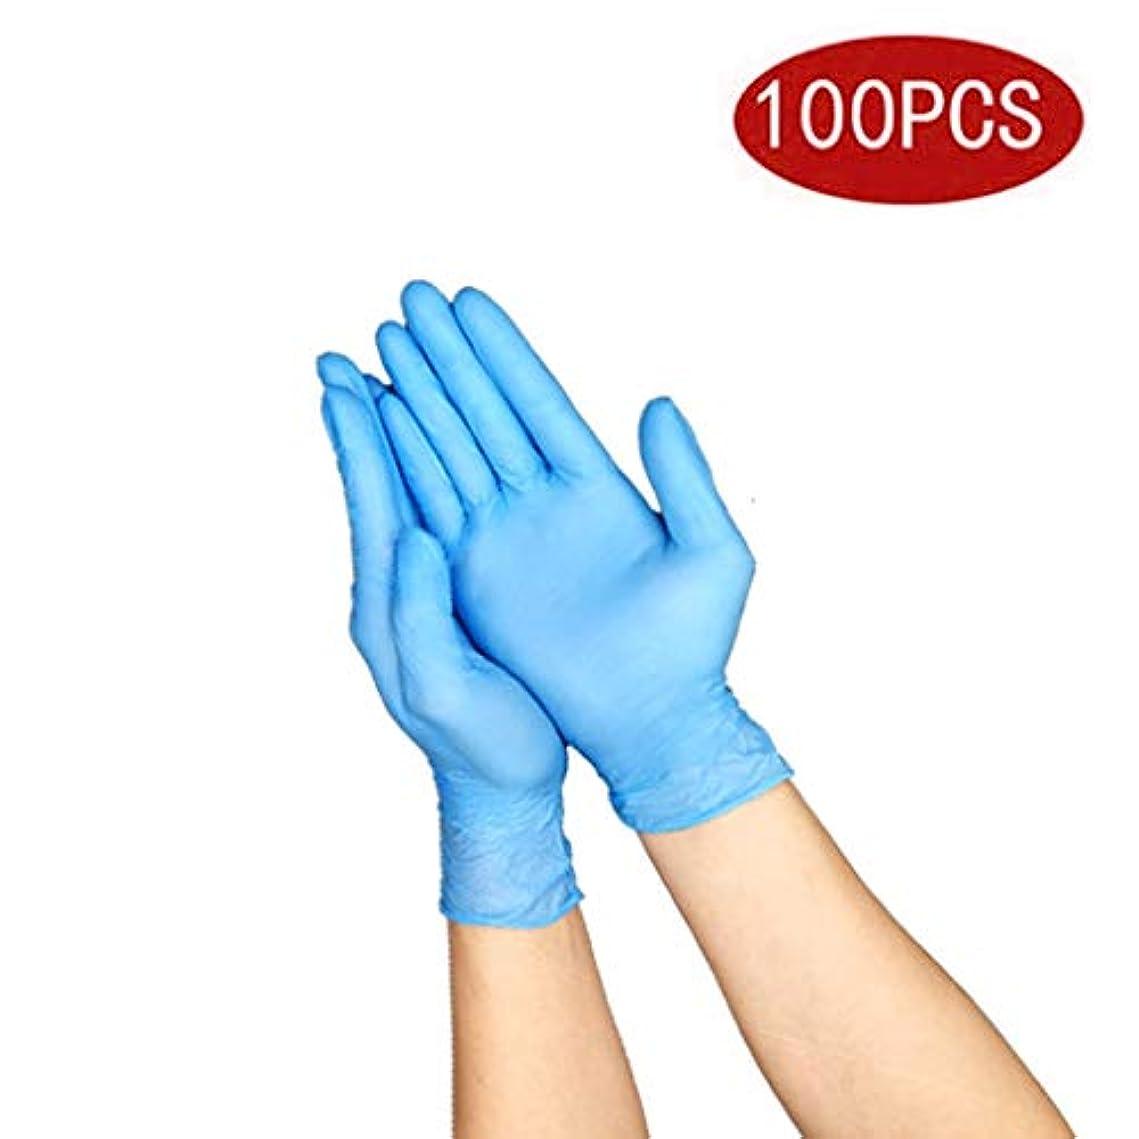 阻害するポインタ探検9インチ使い捨てニトリル手袋ラテックス手袋100のラバー食品グレードホームペットケアボックス (Size : L)